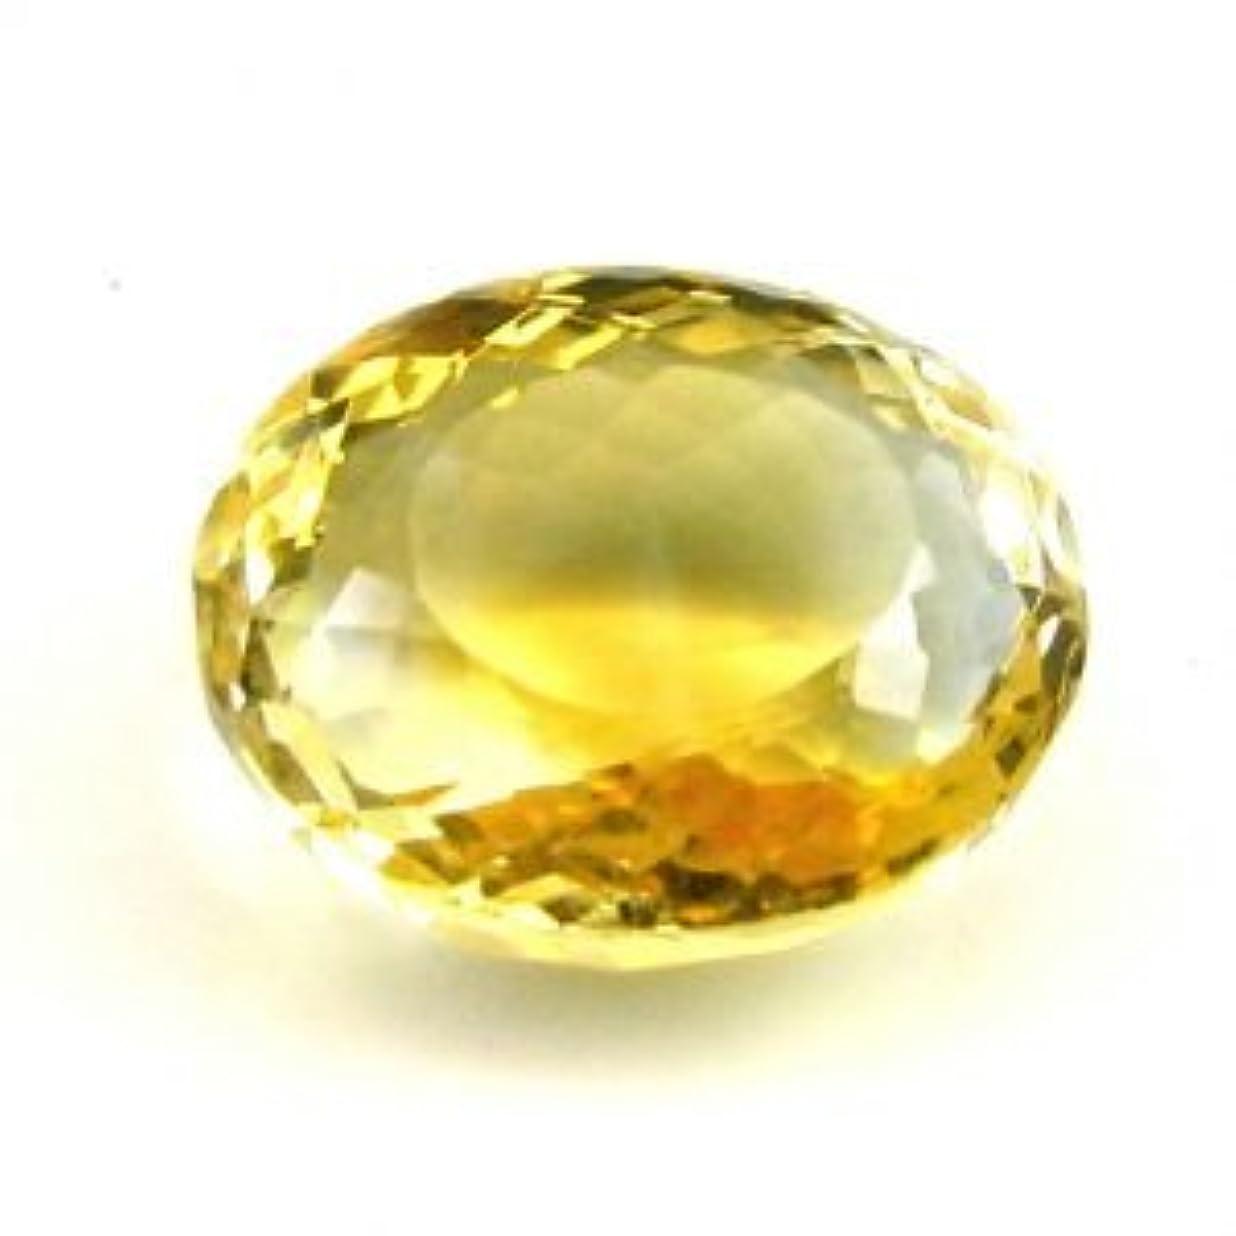 尊敬する絶妙トマトシトリン原石Certified Natural sunelaストーン8カラットby gemselect